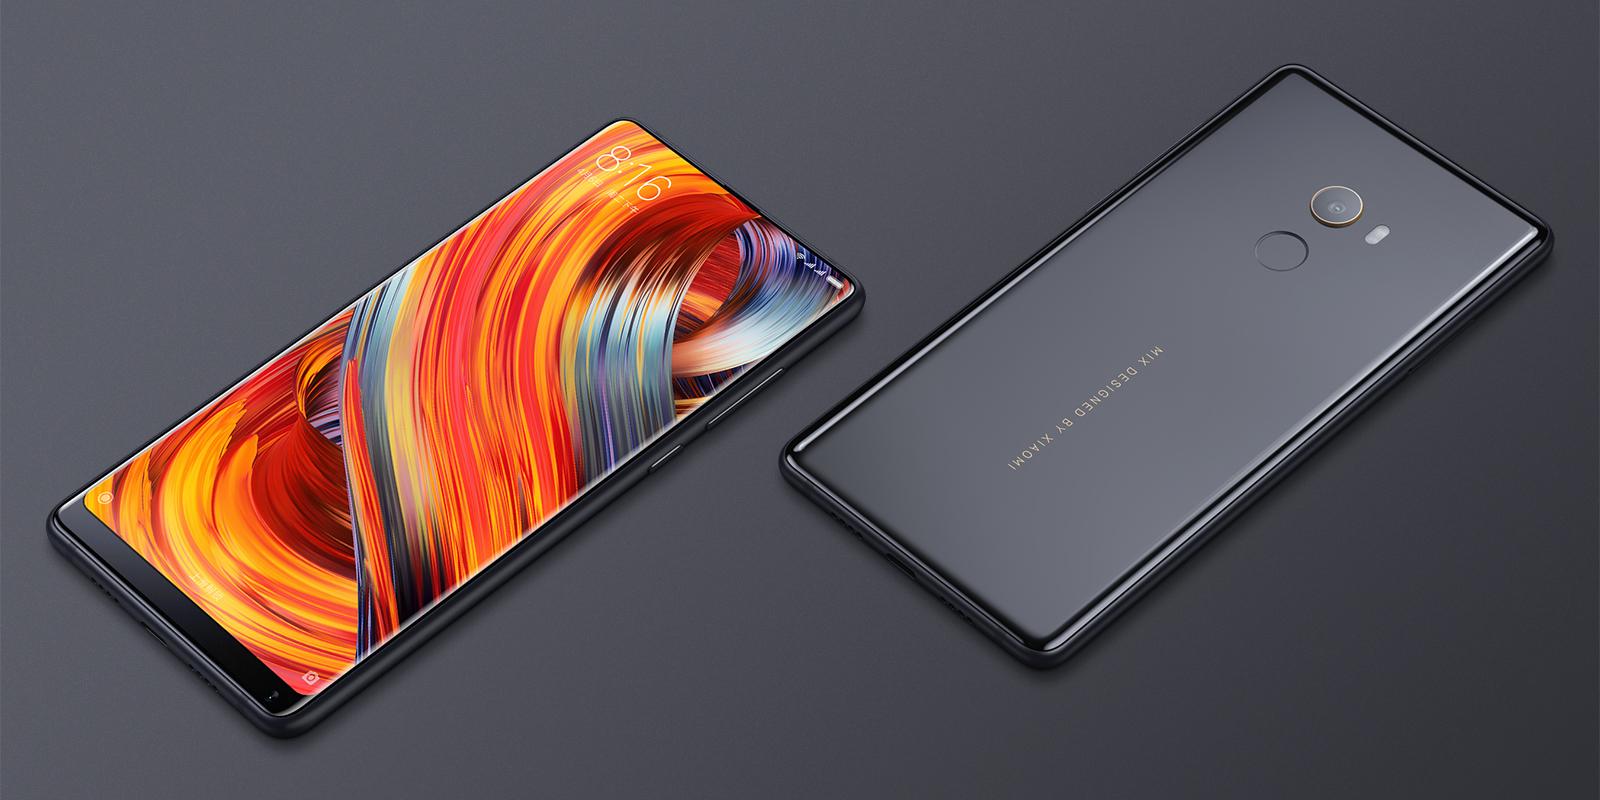 Xiaomi Mi Mix 2 Price in India